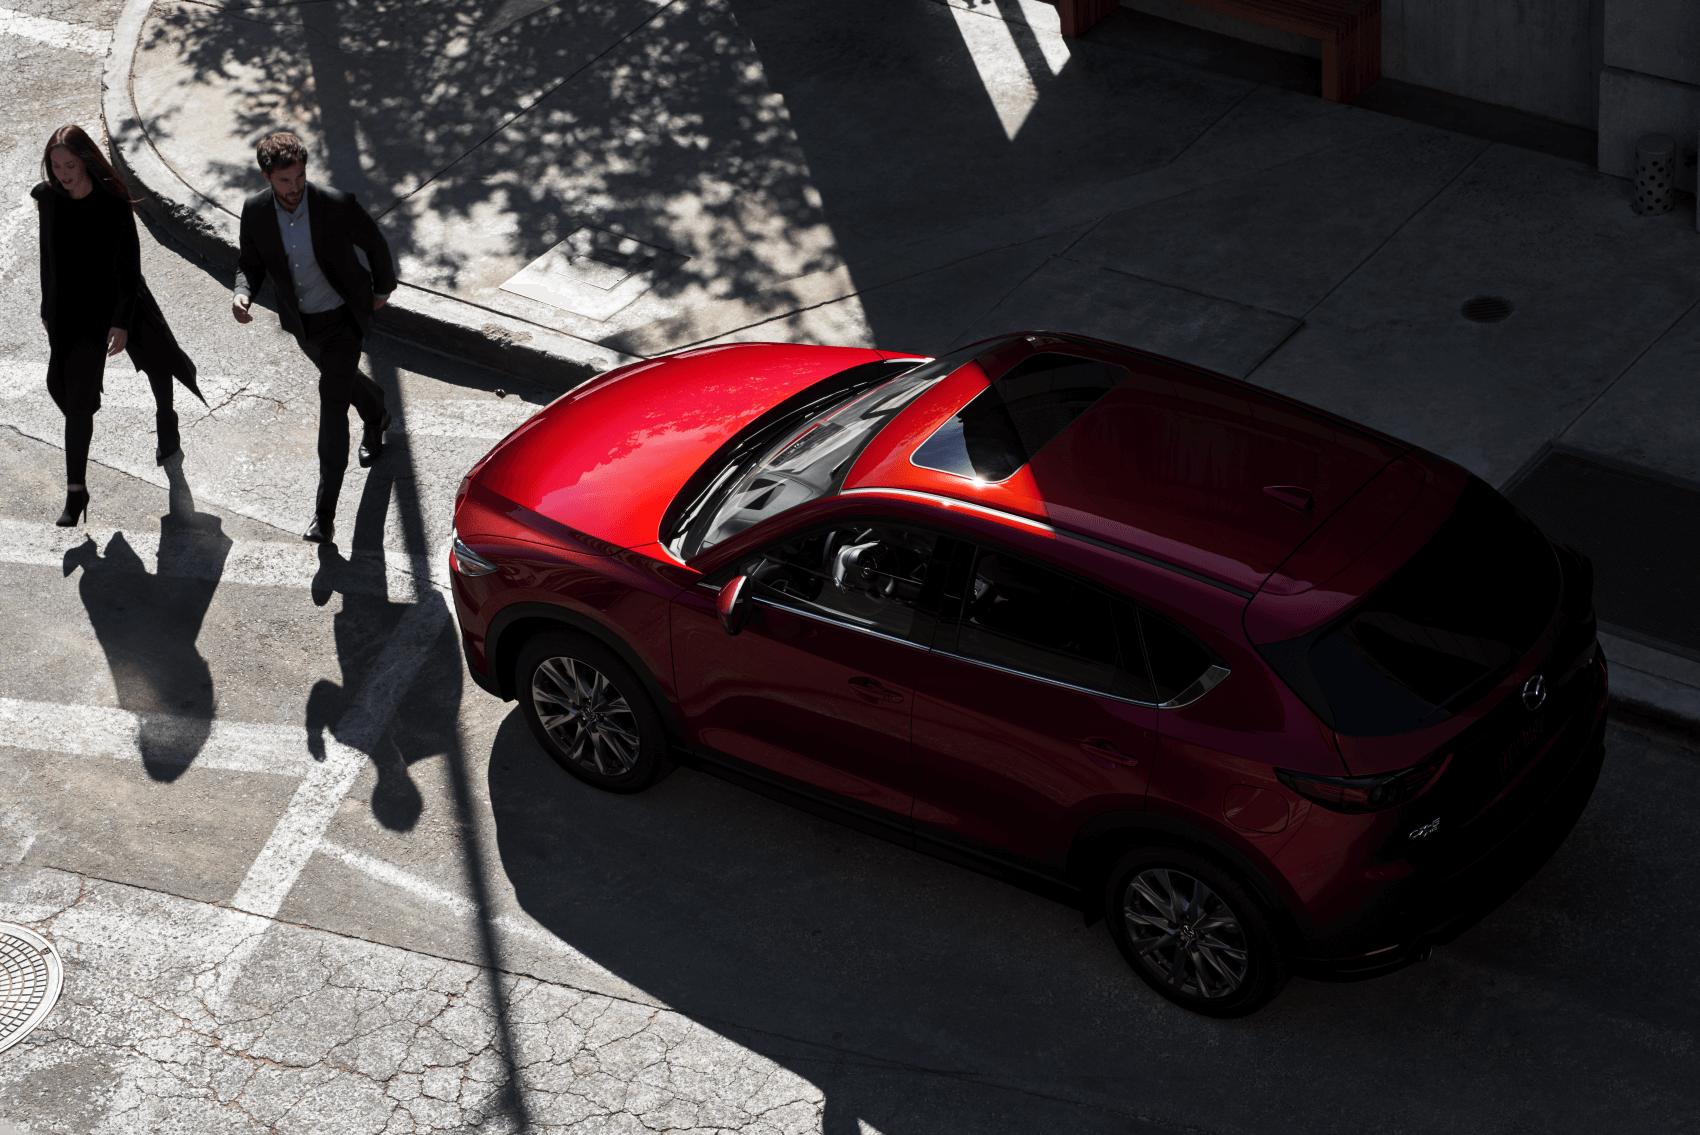 2021 Mazda CX-5 Red Safety Stopped Ocean Mazda